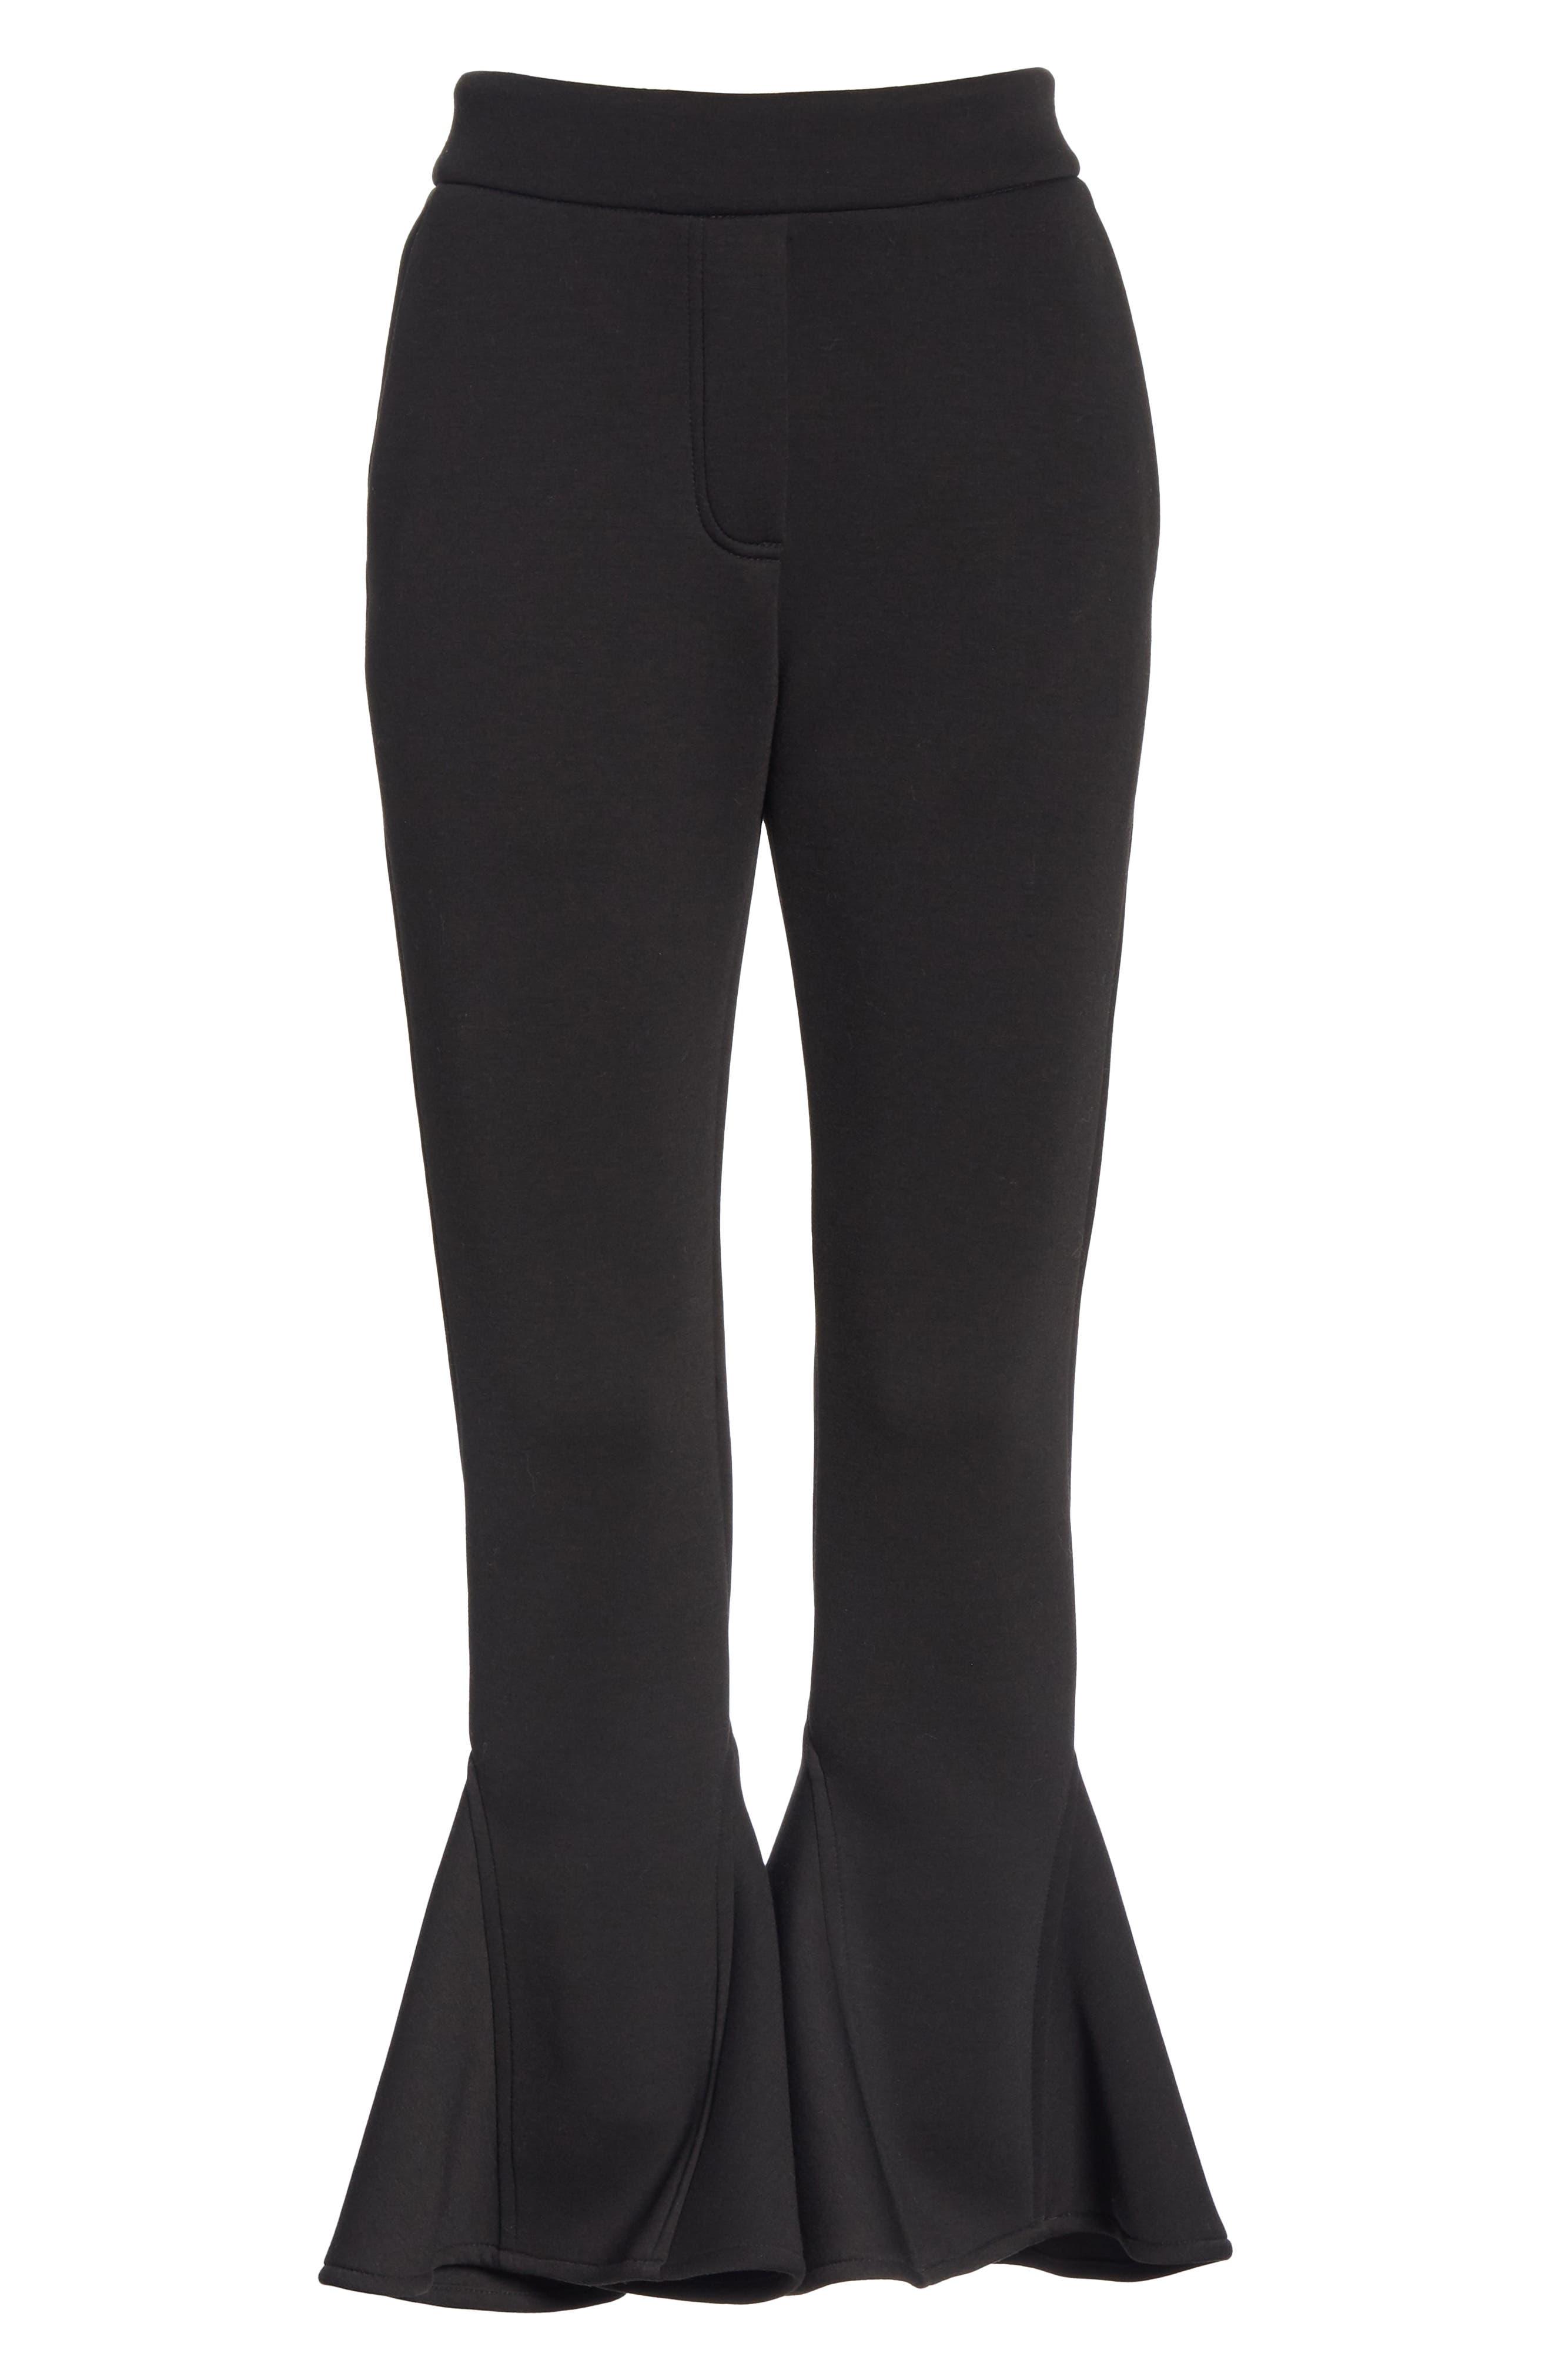 Ruffle Bell Bottom Neoprene Pants,                             Alternate thumbnail 6, color,                             BLACK